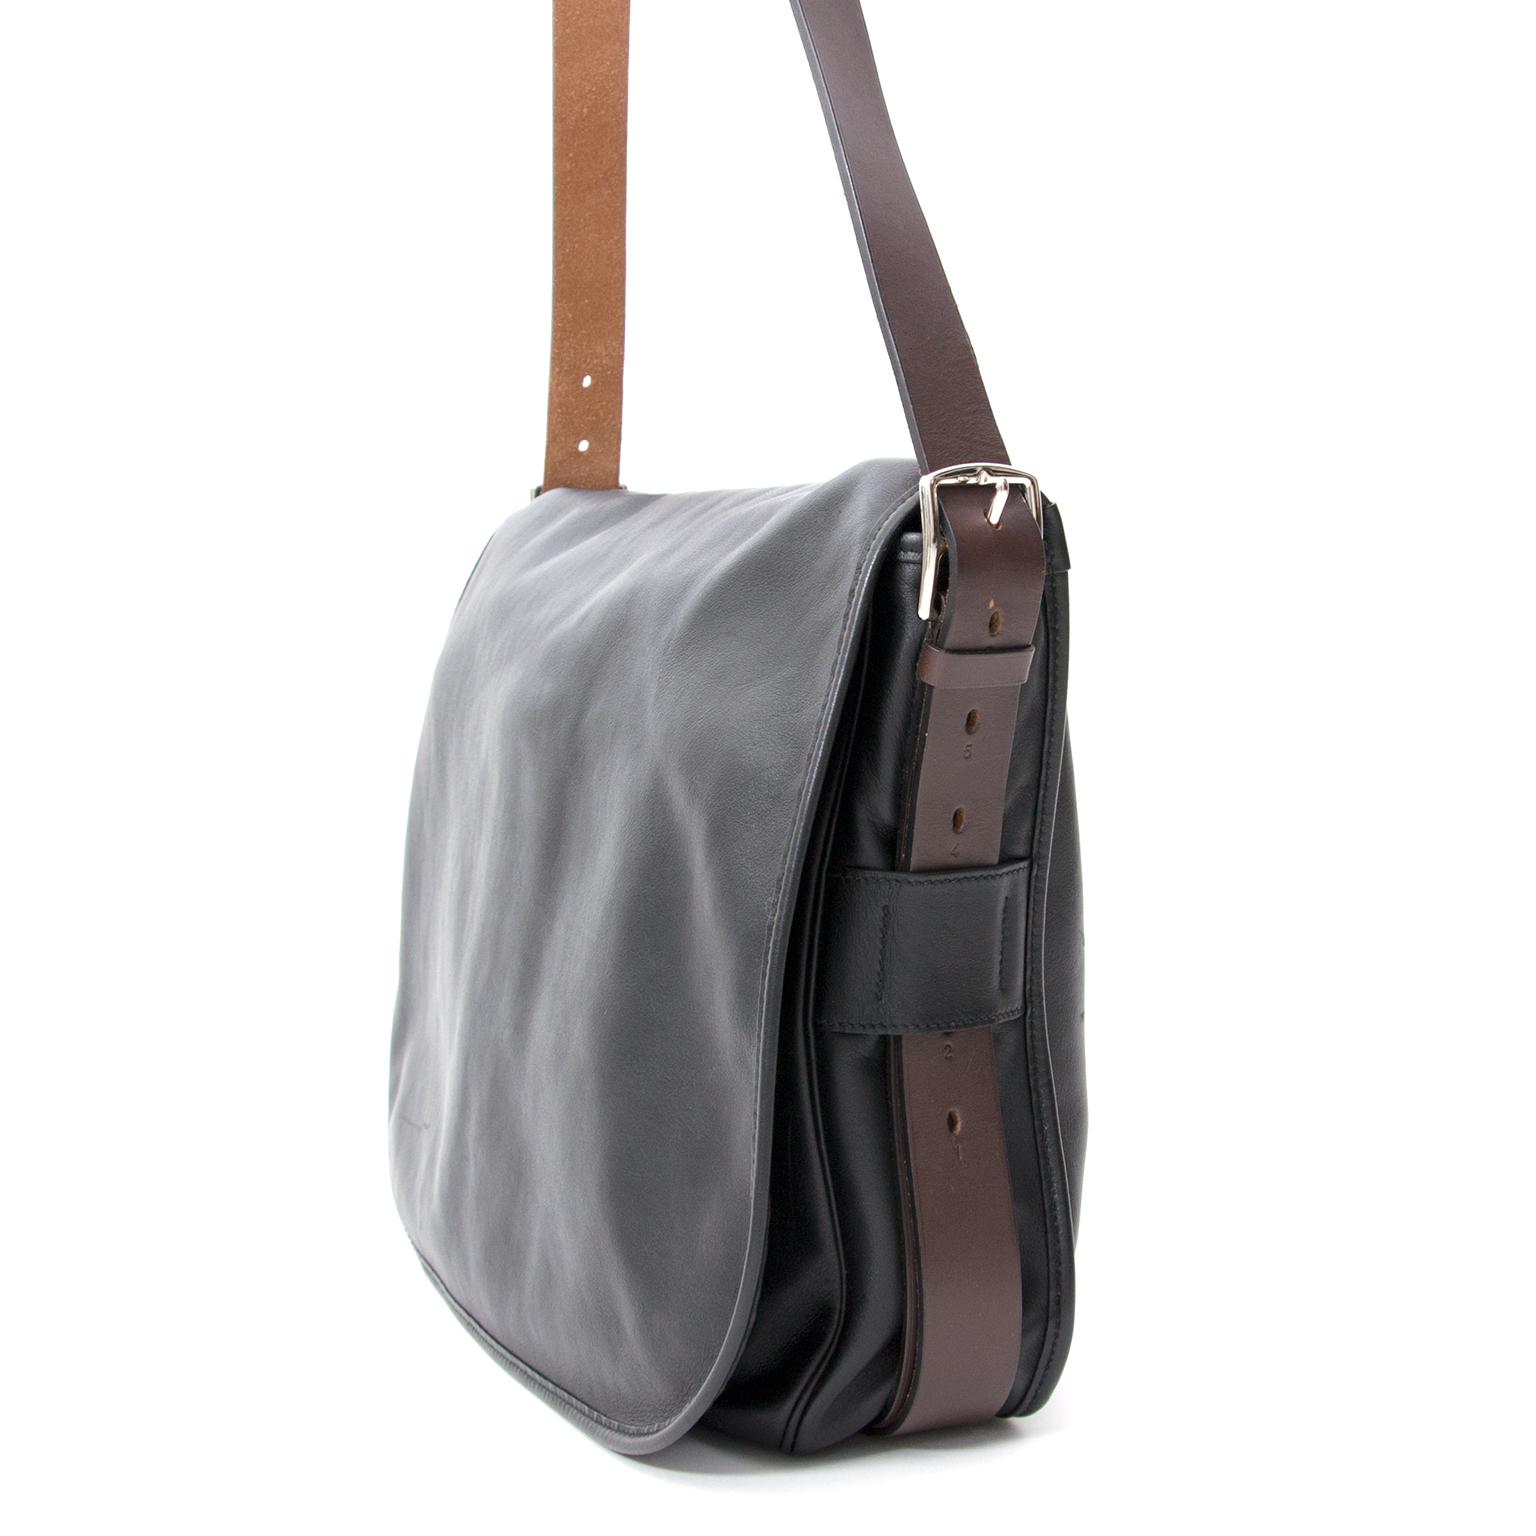 Koop Hermes luxe tassen op Labellov, een online platform voor tweedehands luxe tassen.